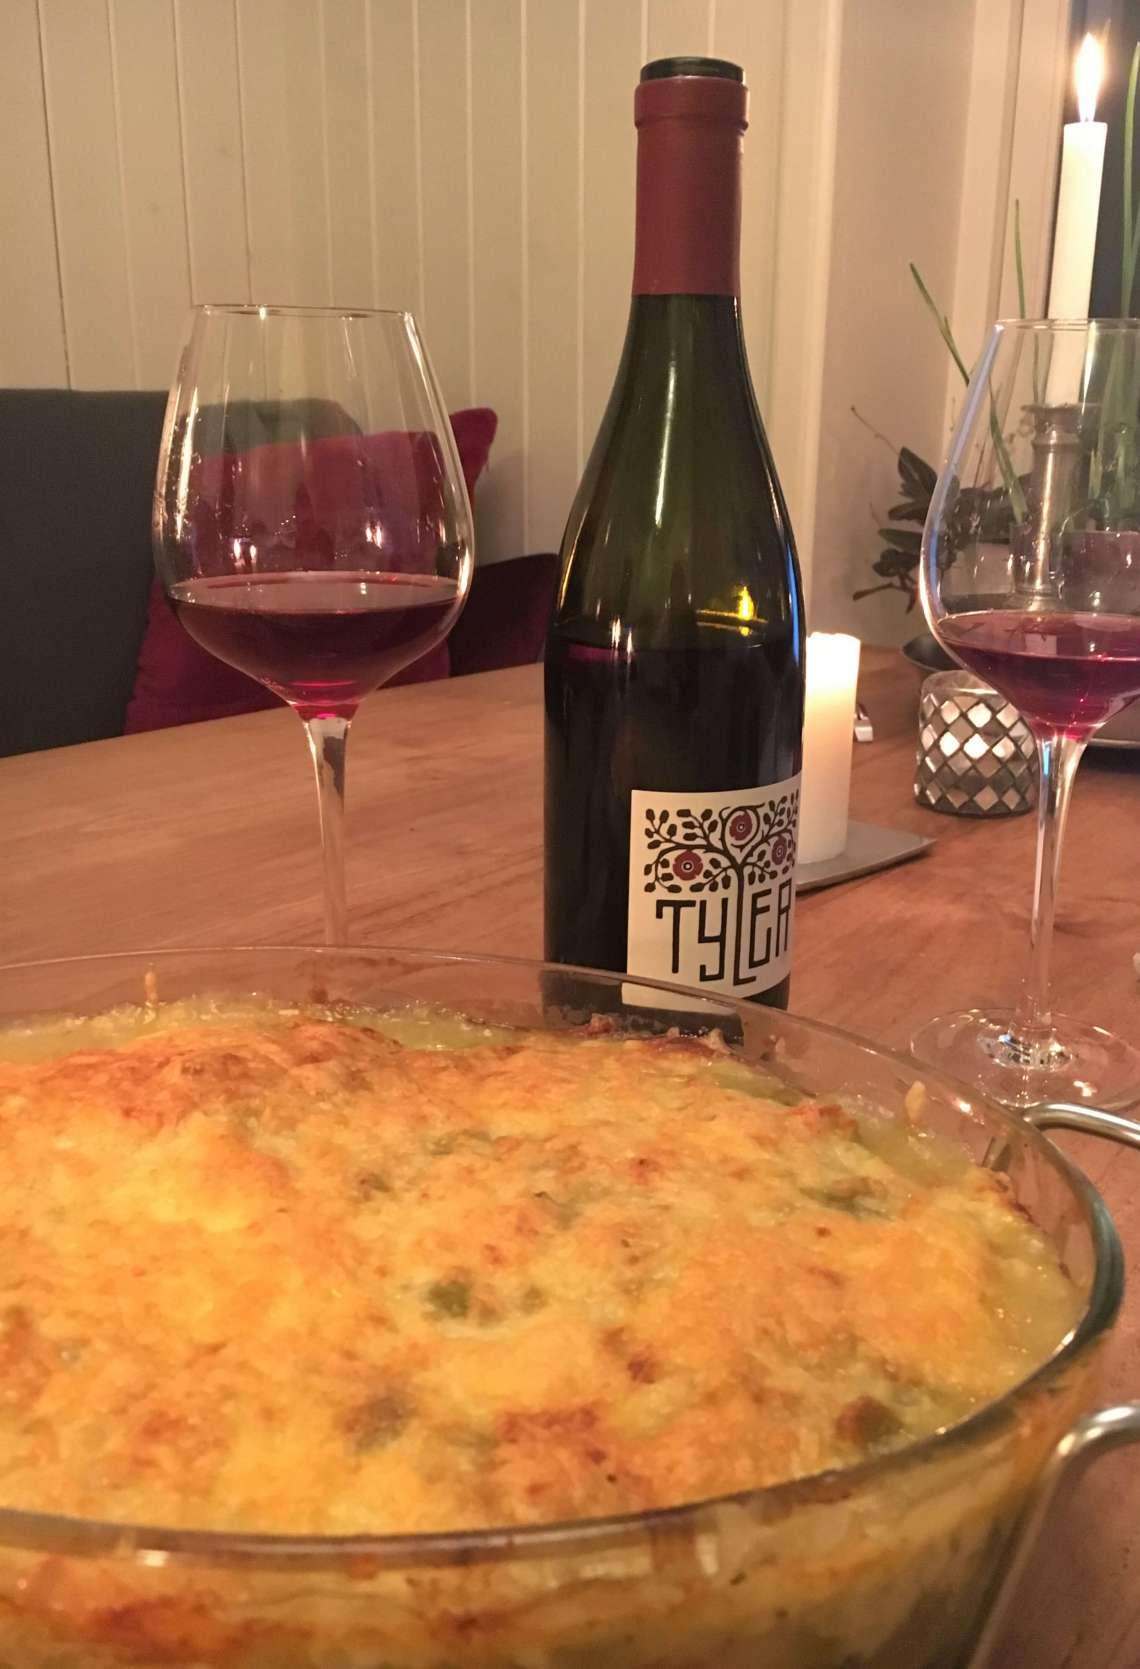 Chili og vin. En Pinot Noir passer til en green chili chicken enchiladas.